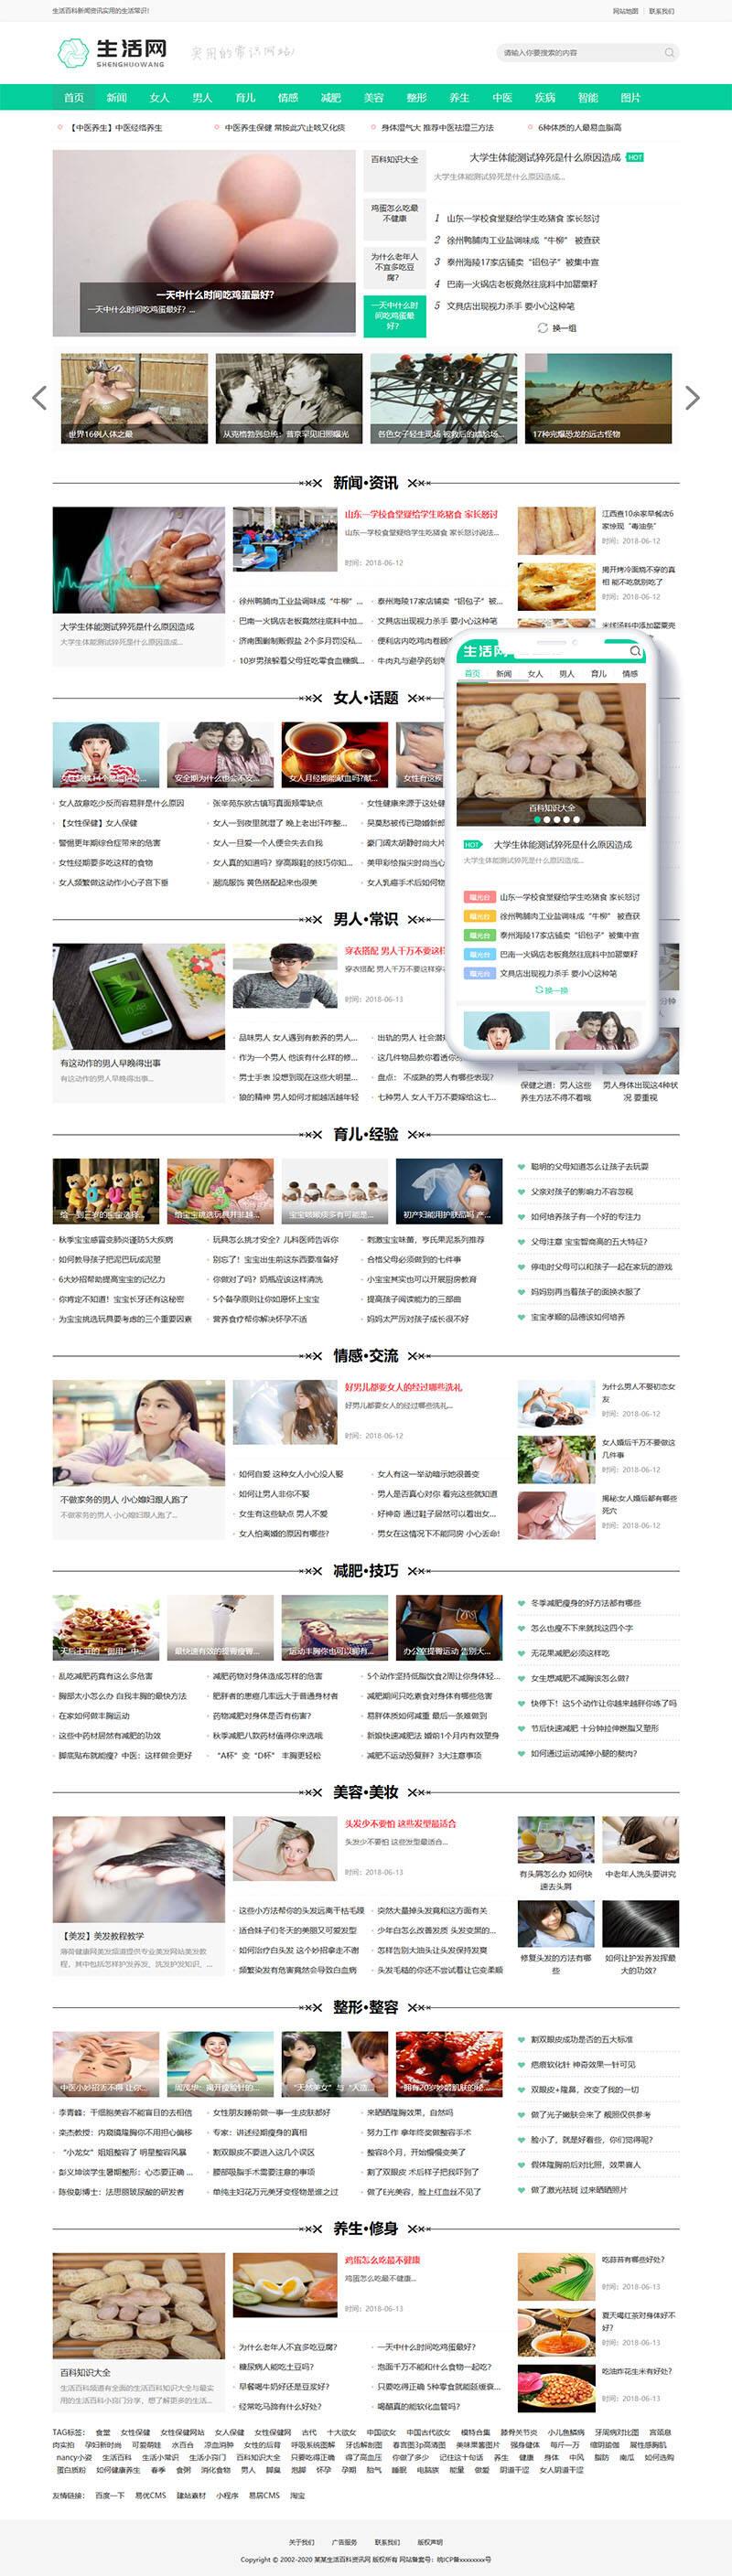 生活百科新闻网站